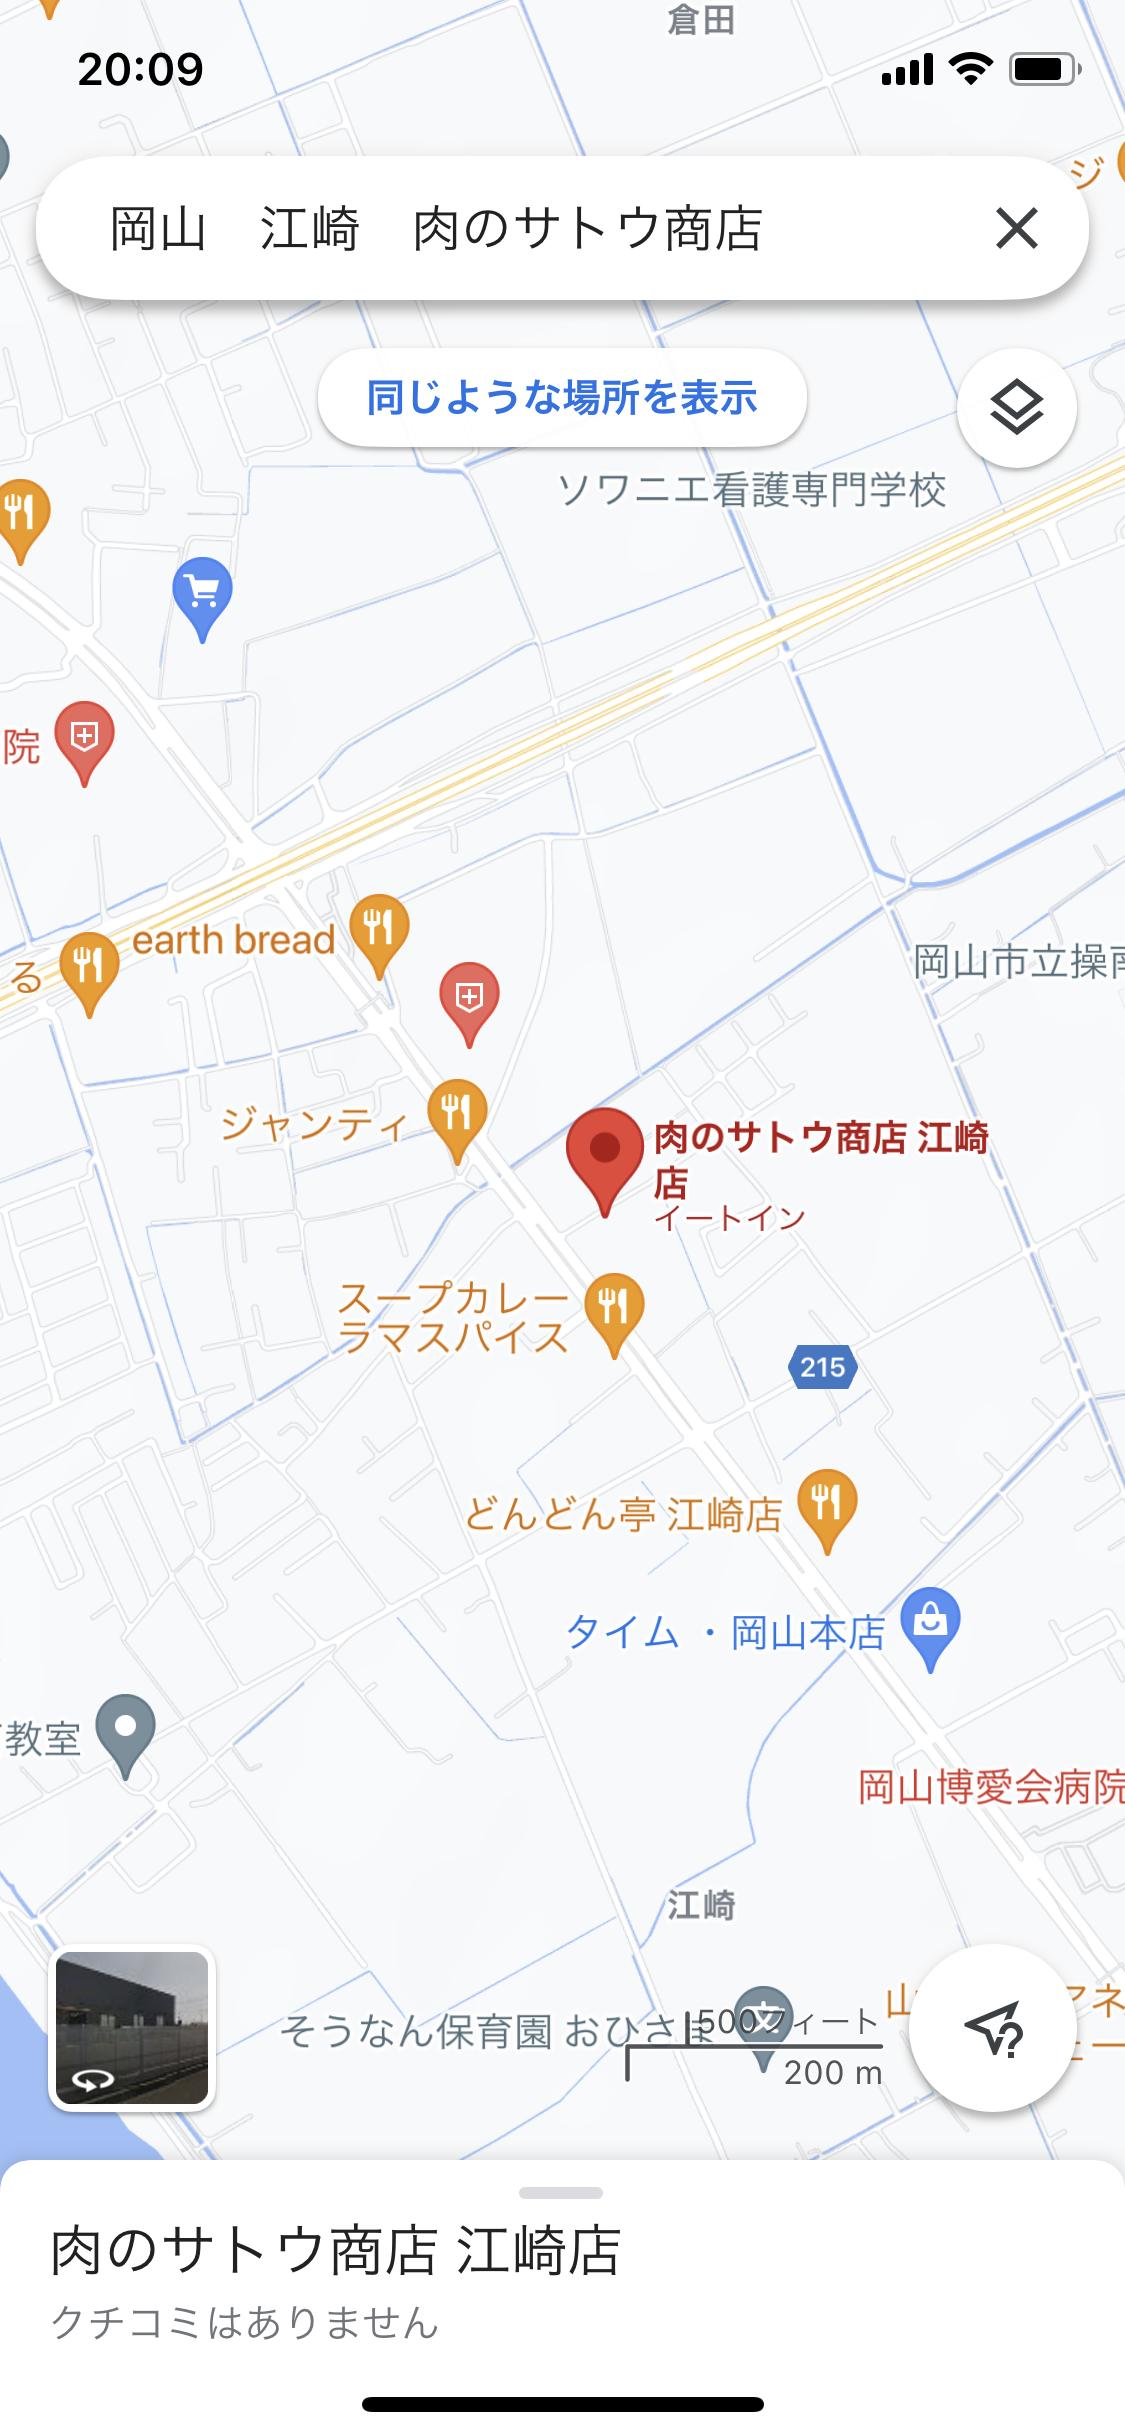 肉のサトウ商店 江崎店 様 御開店おめでとうございます!